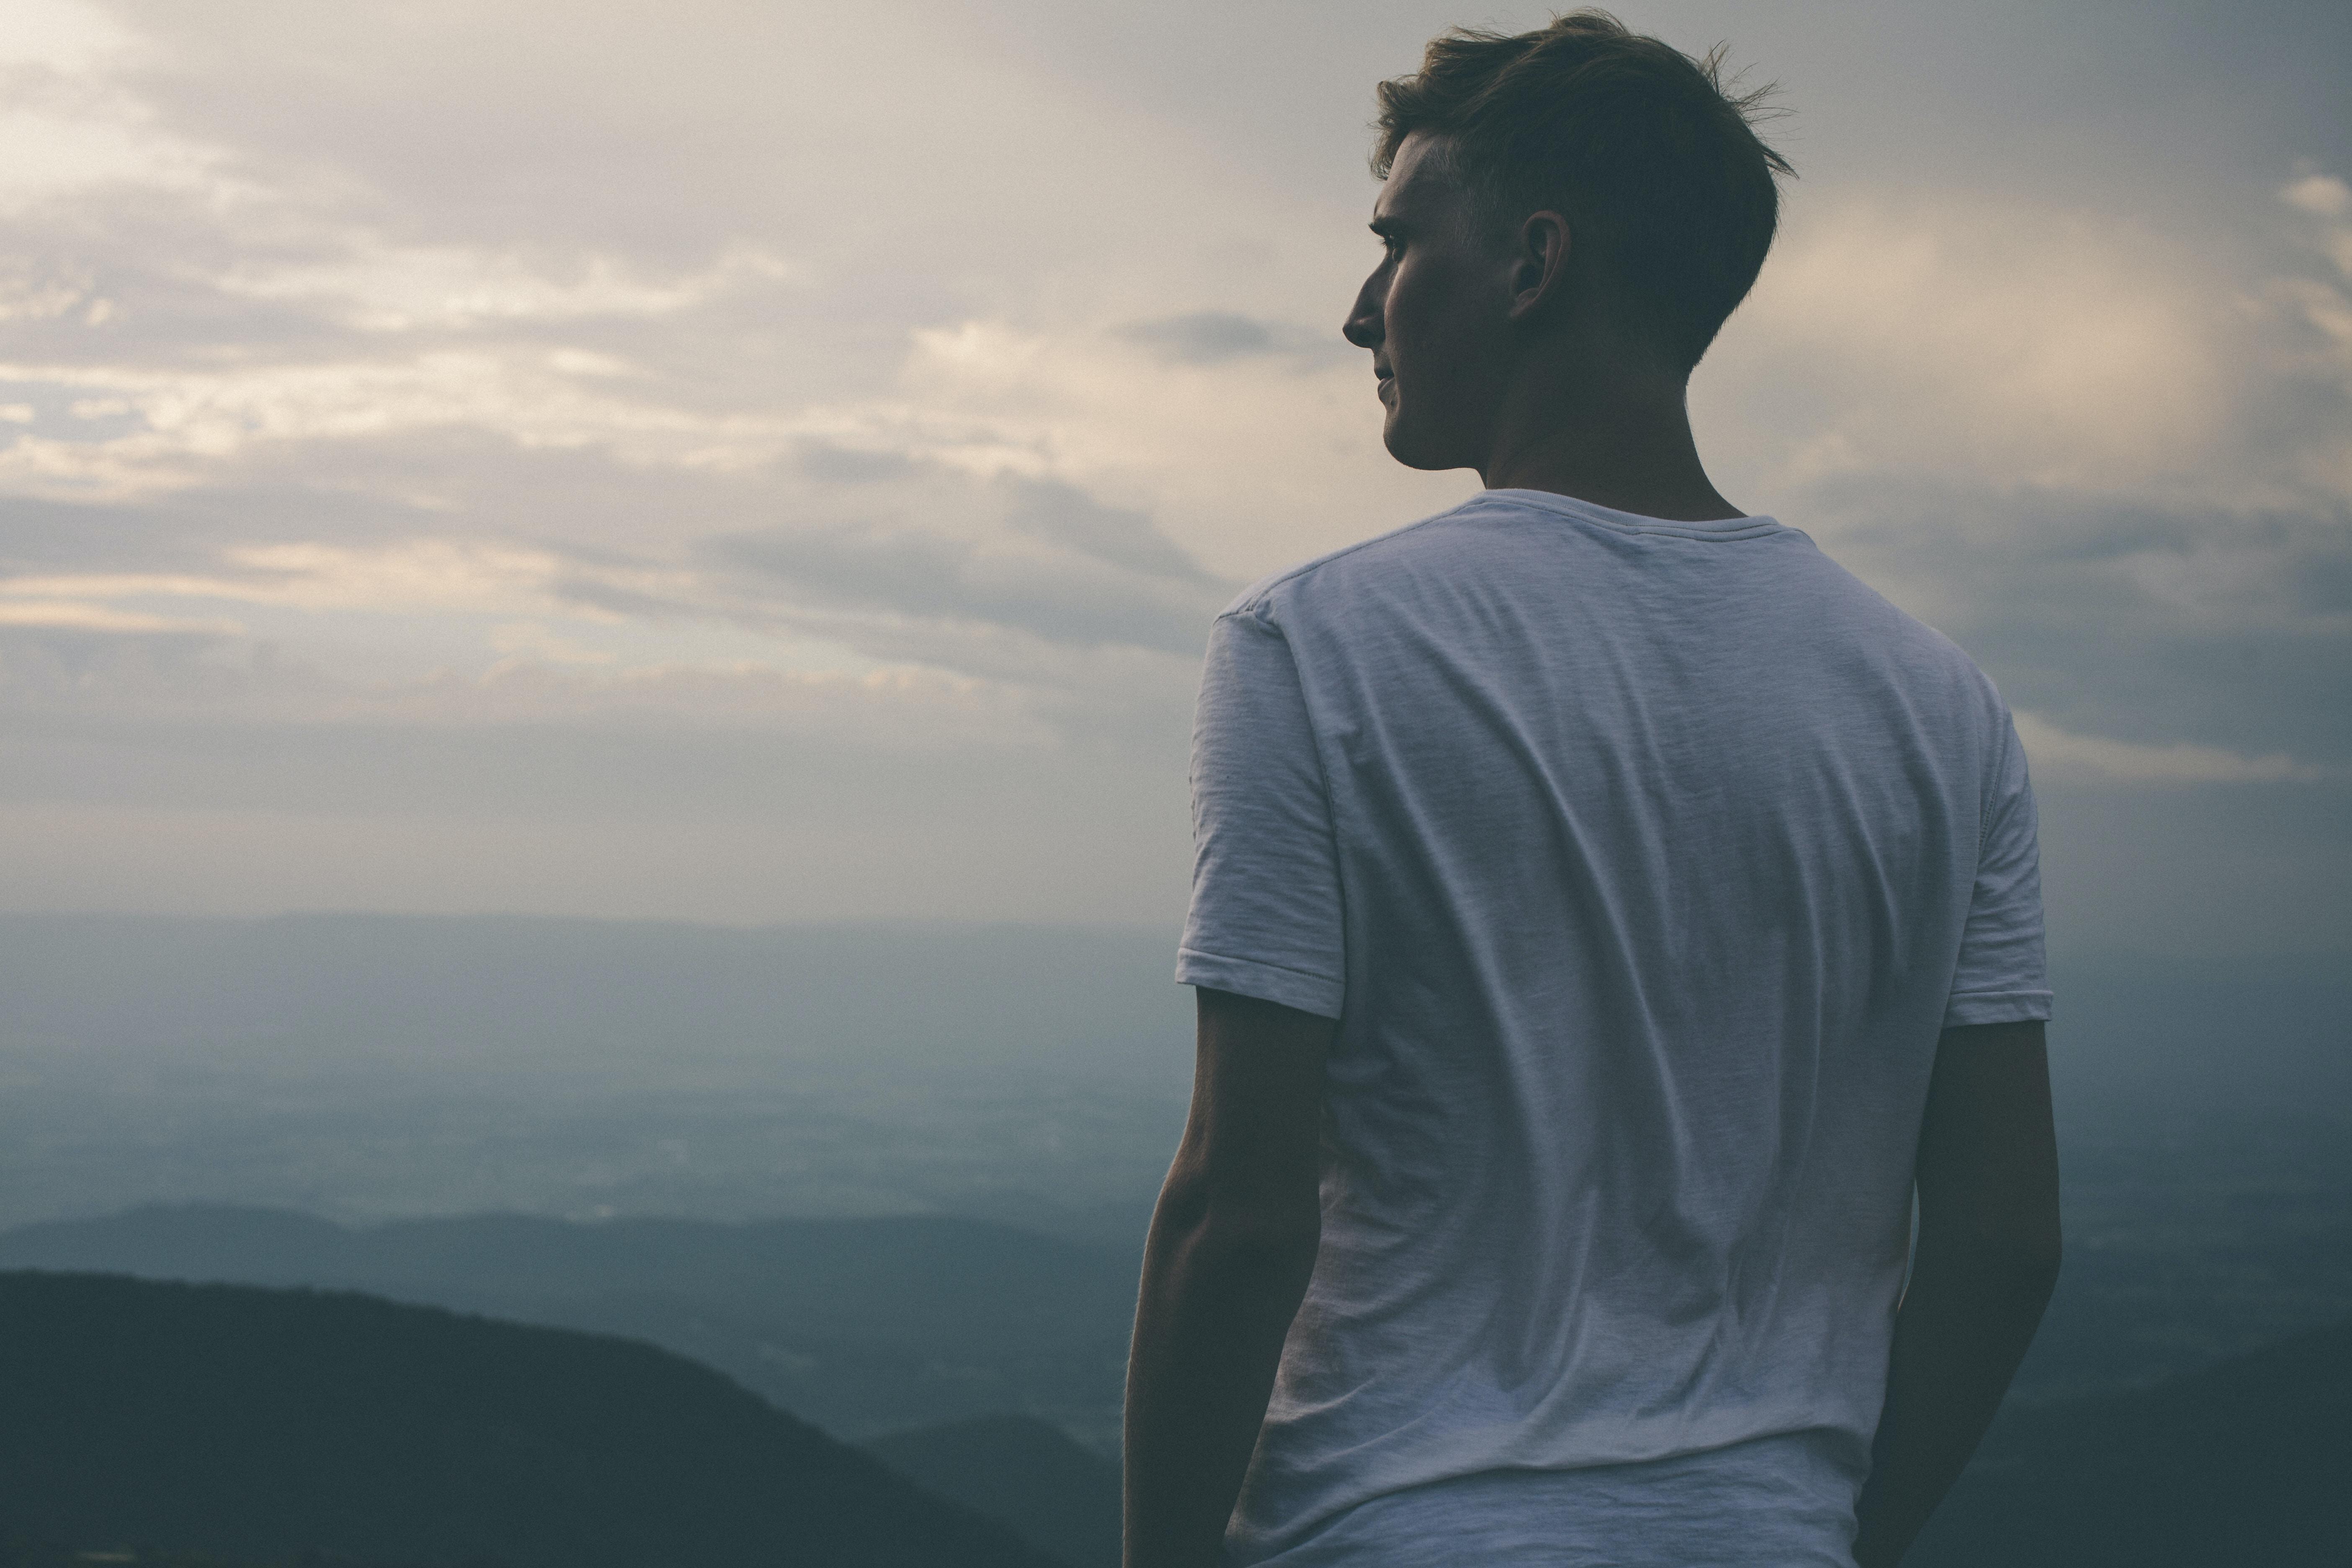 man standing facing mountains during sunset